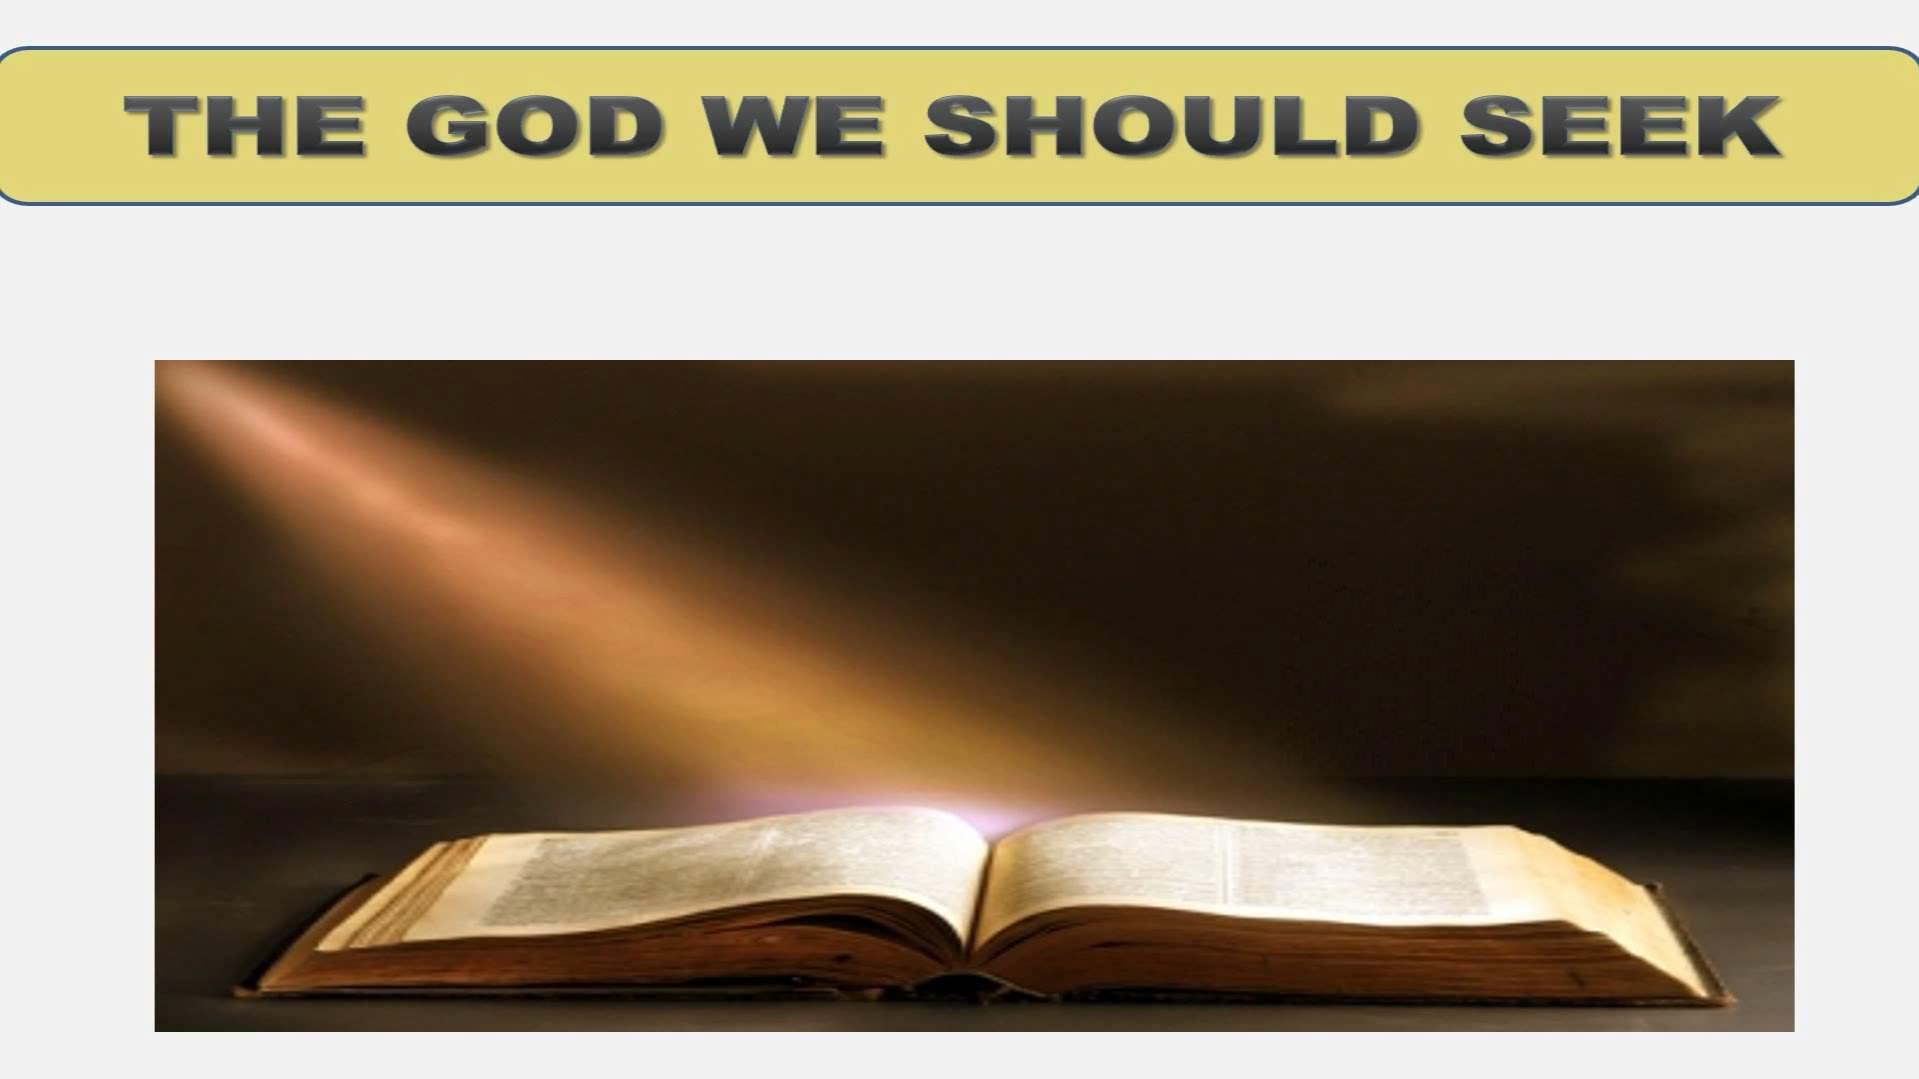 Seeking God (Lesson 1:  The God We Should Seek)